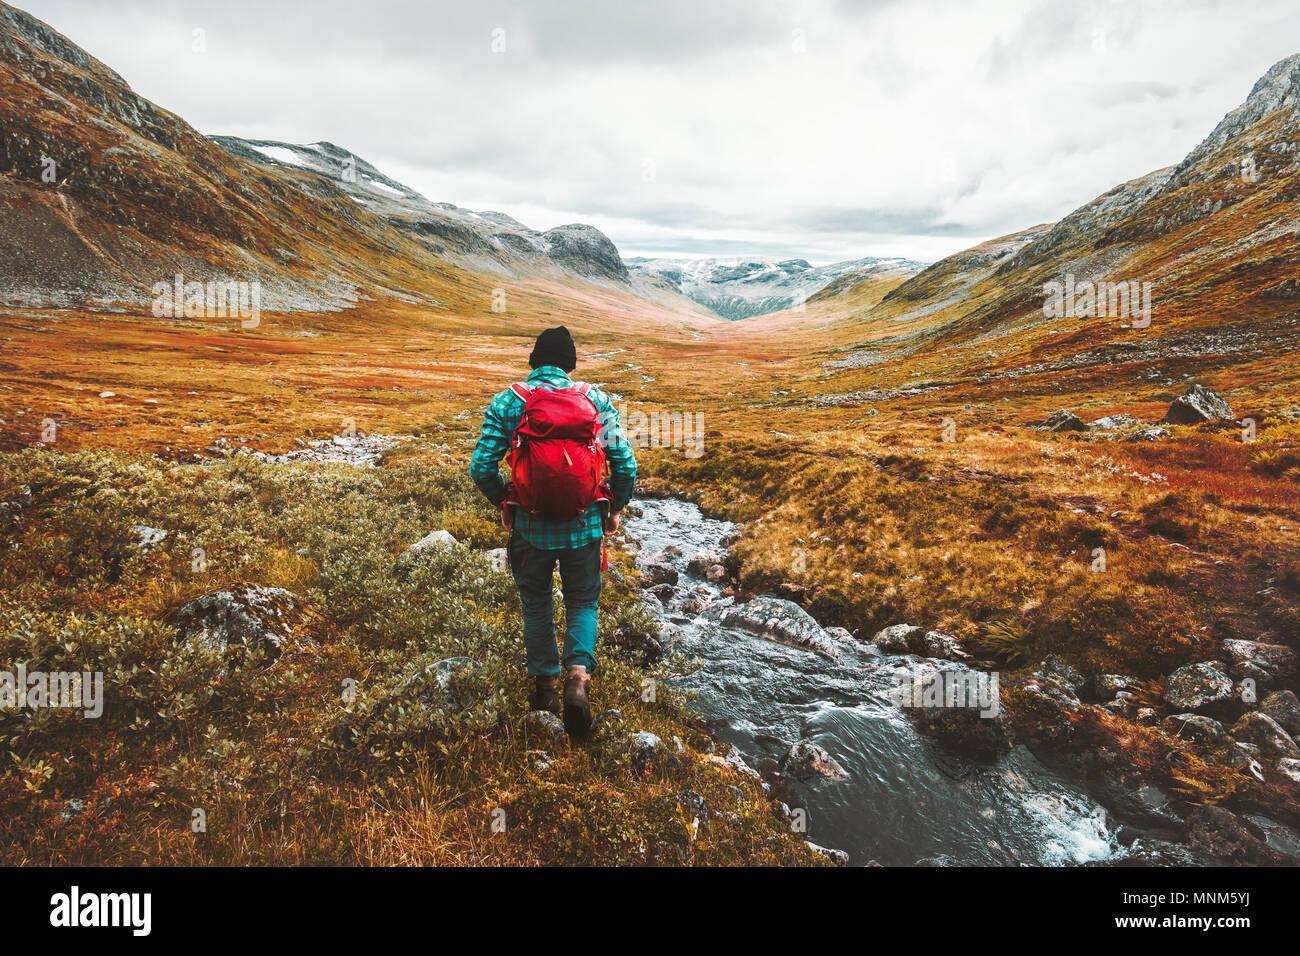 Viajar con mochila turística hombre senderismo en las montañas paisaje activo estilo de vida saludables vacaciones de aventura en Escandinavia Imagen De Stock